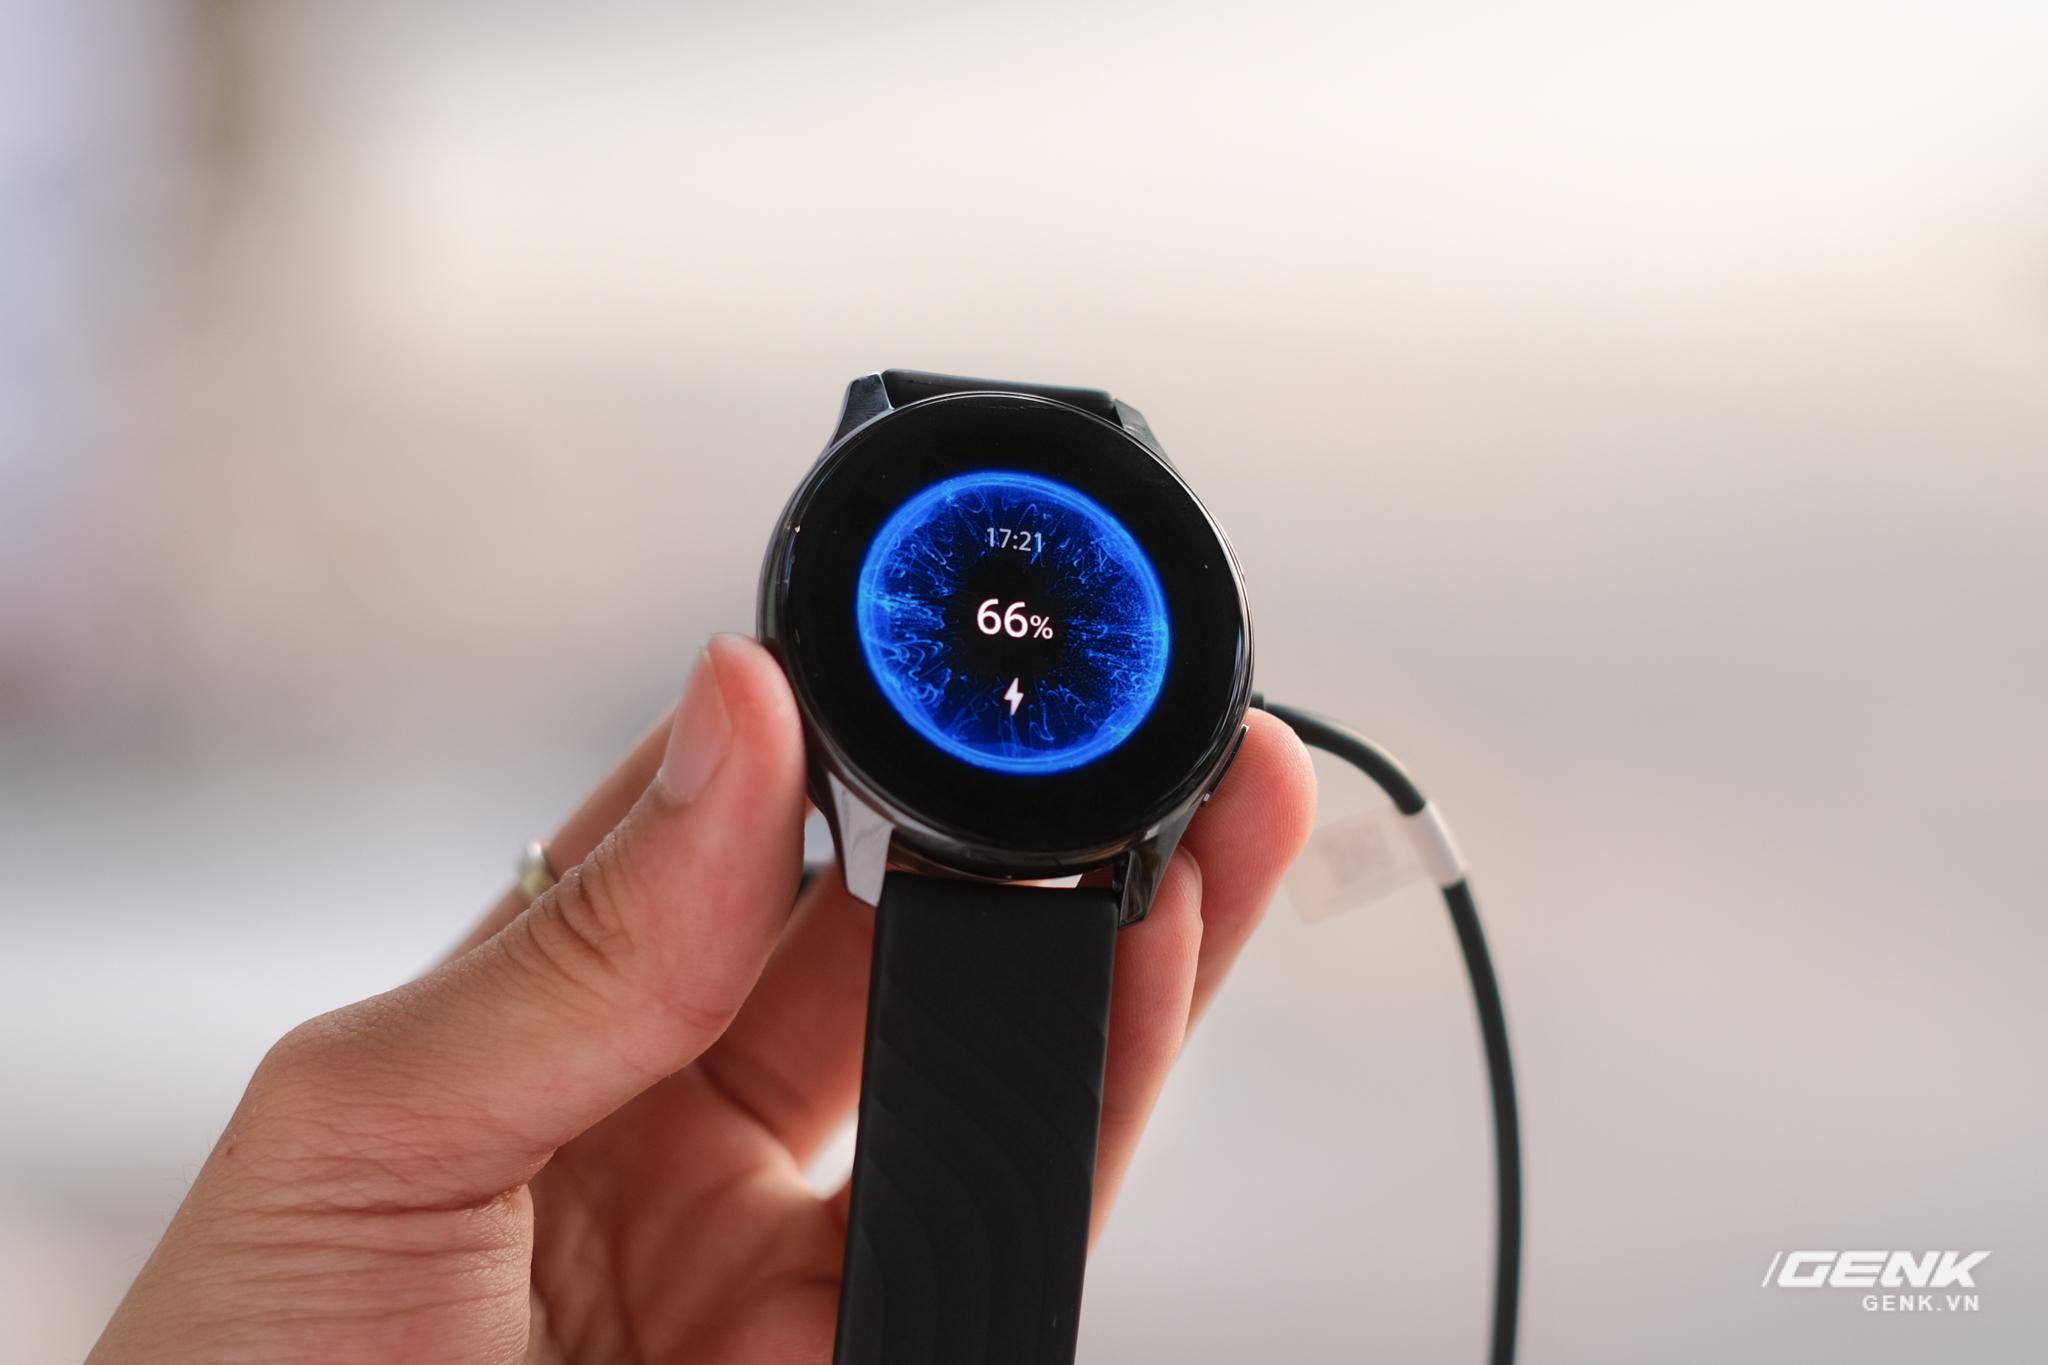 Trên tay và trải nghiệm nhanh OnePlus Watch: Thiết kế phổ thông, không dành cho người dùng nữ, có đo SpO2, pin 2 tuần, giá 4.2 triệu - Ảnh 17.